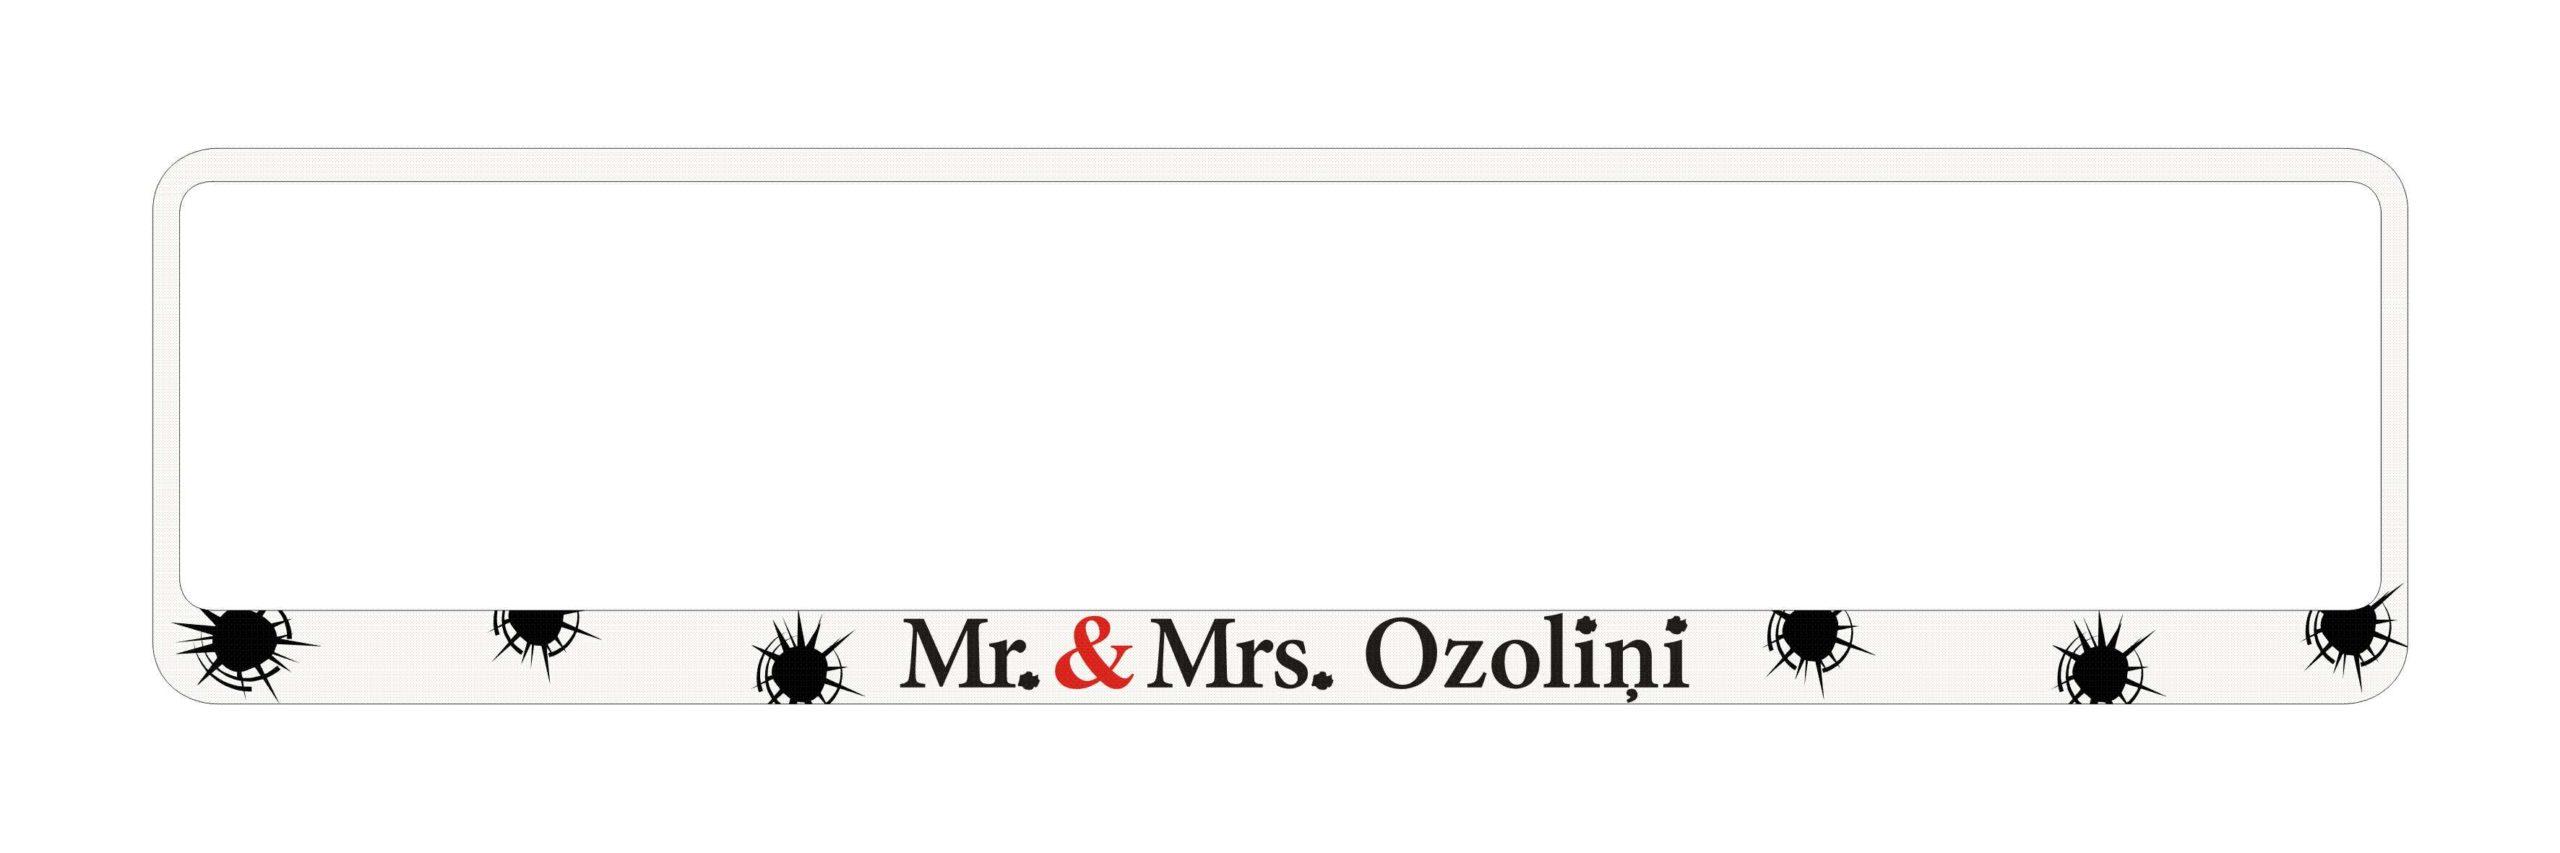 LATSIGN Auto numura turētājs baltā krāsāar uzrakstu - Mr. & Mrs.